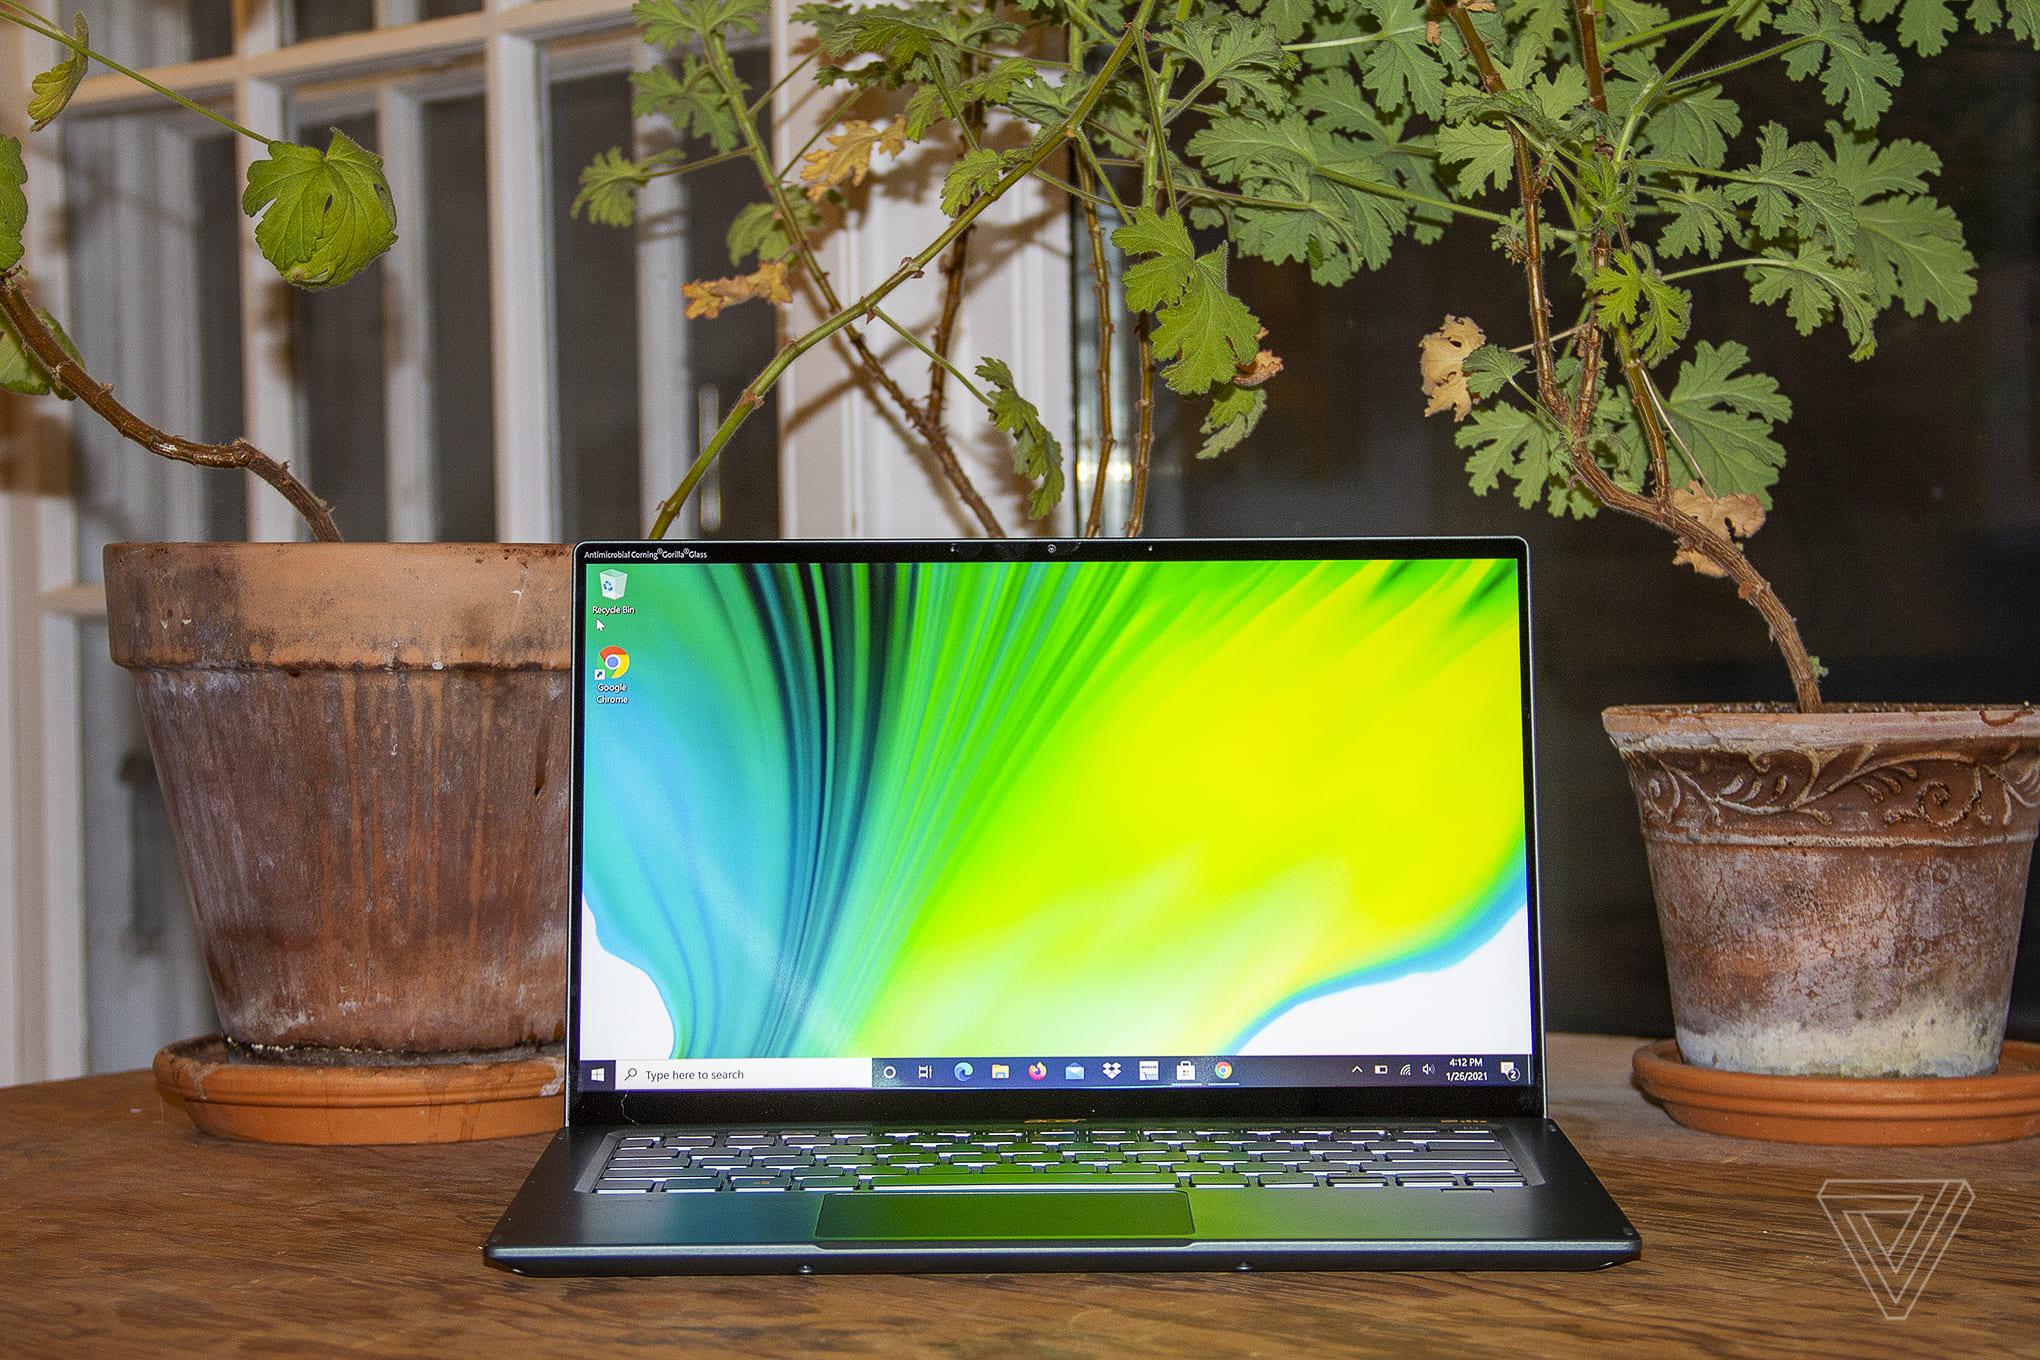 Đánh giá Acer Swift 5 (Late 2020): Mẫu laptop 'siêu di động' nhưng không mất đi sự 'siêu cấp'